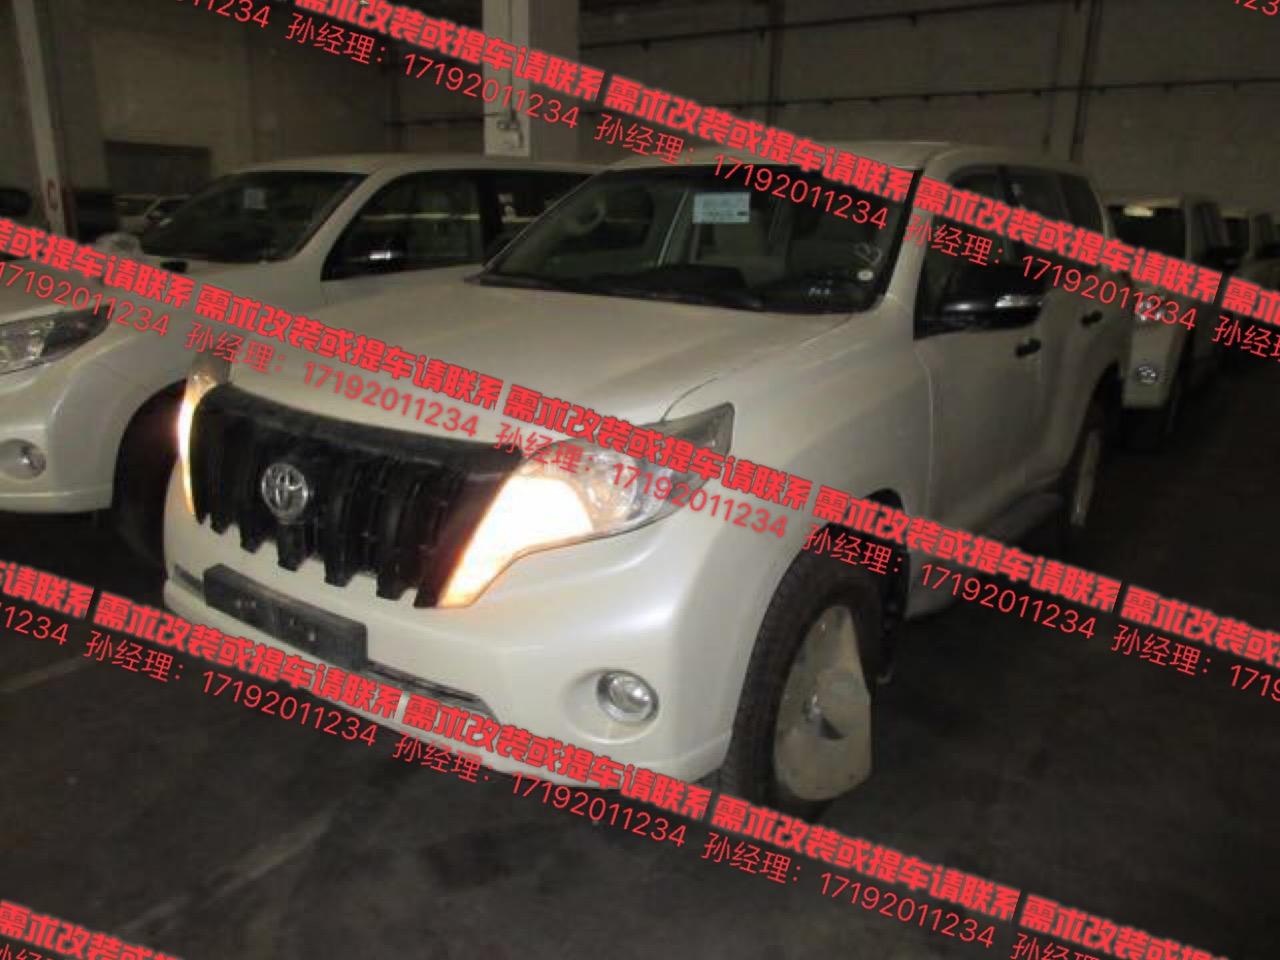 需求进口车改装或购车请致电:17192011234孙经理